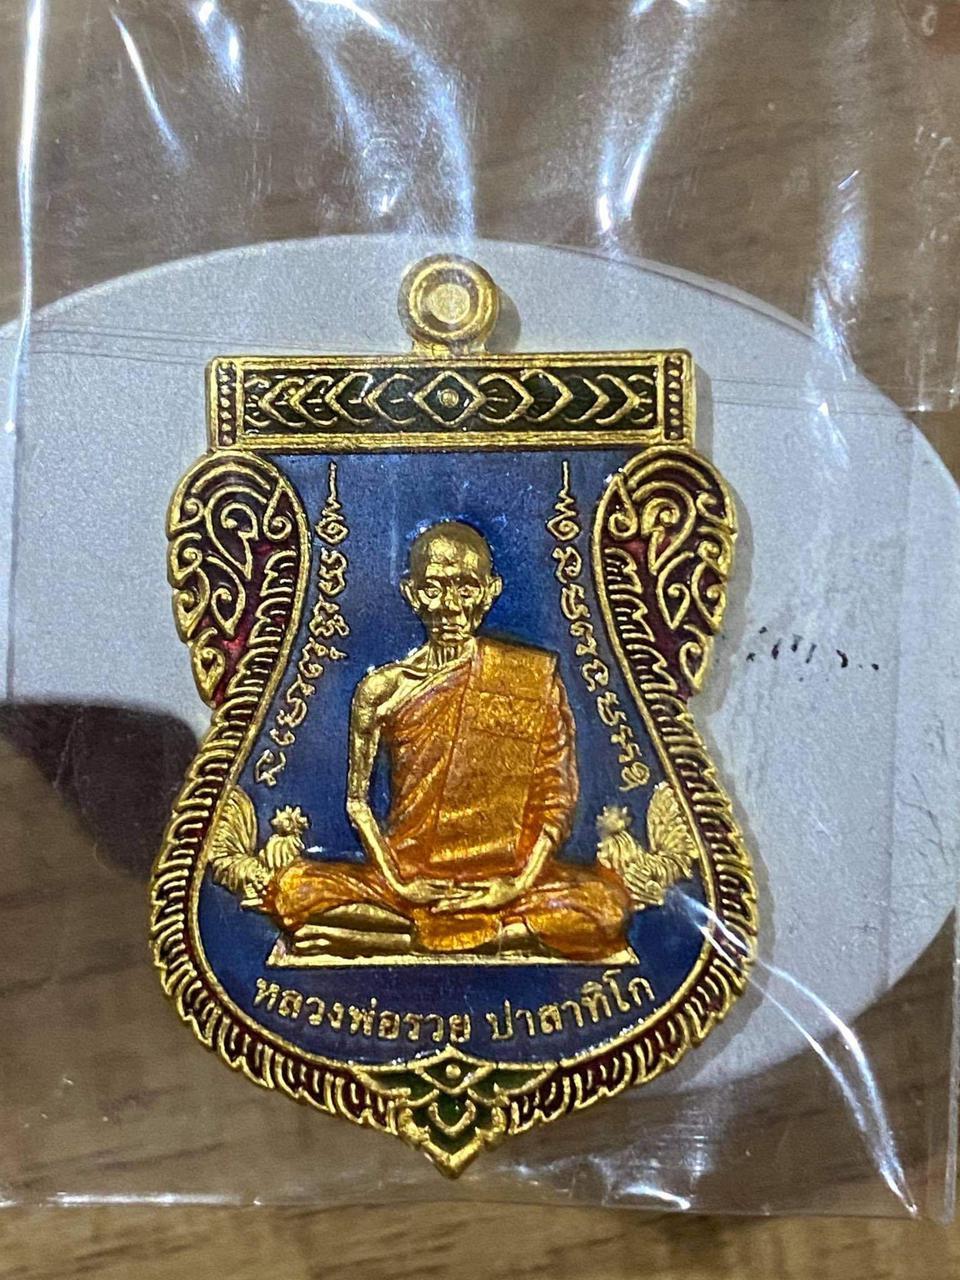 เหรียญ เลื่อนสมณศักดิ์ หลวงพ่อรวย กะไหล่ ทอง รูปที่ 1